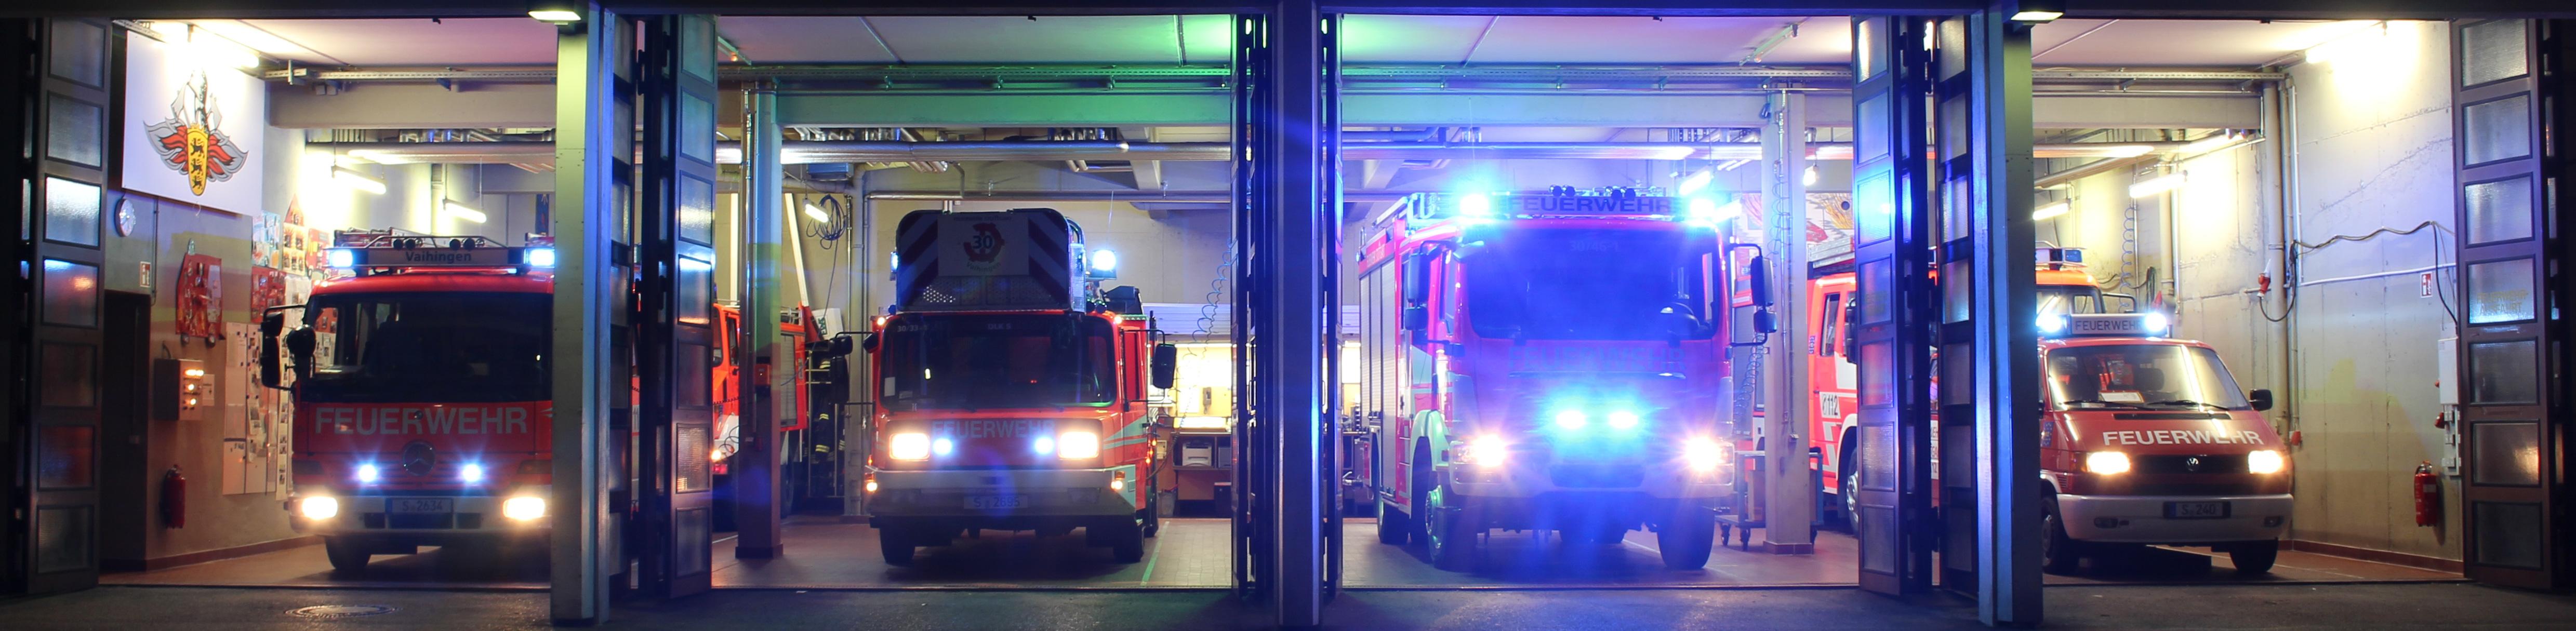 Feuerwehr Stuttgart Freiwillige Feuerwehr Abteilung Vaihingen